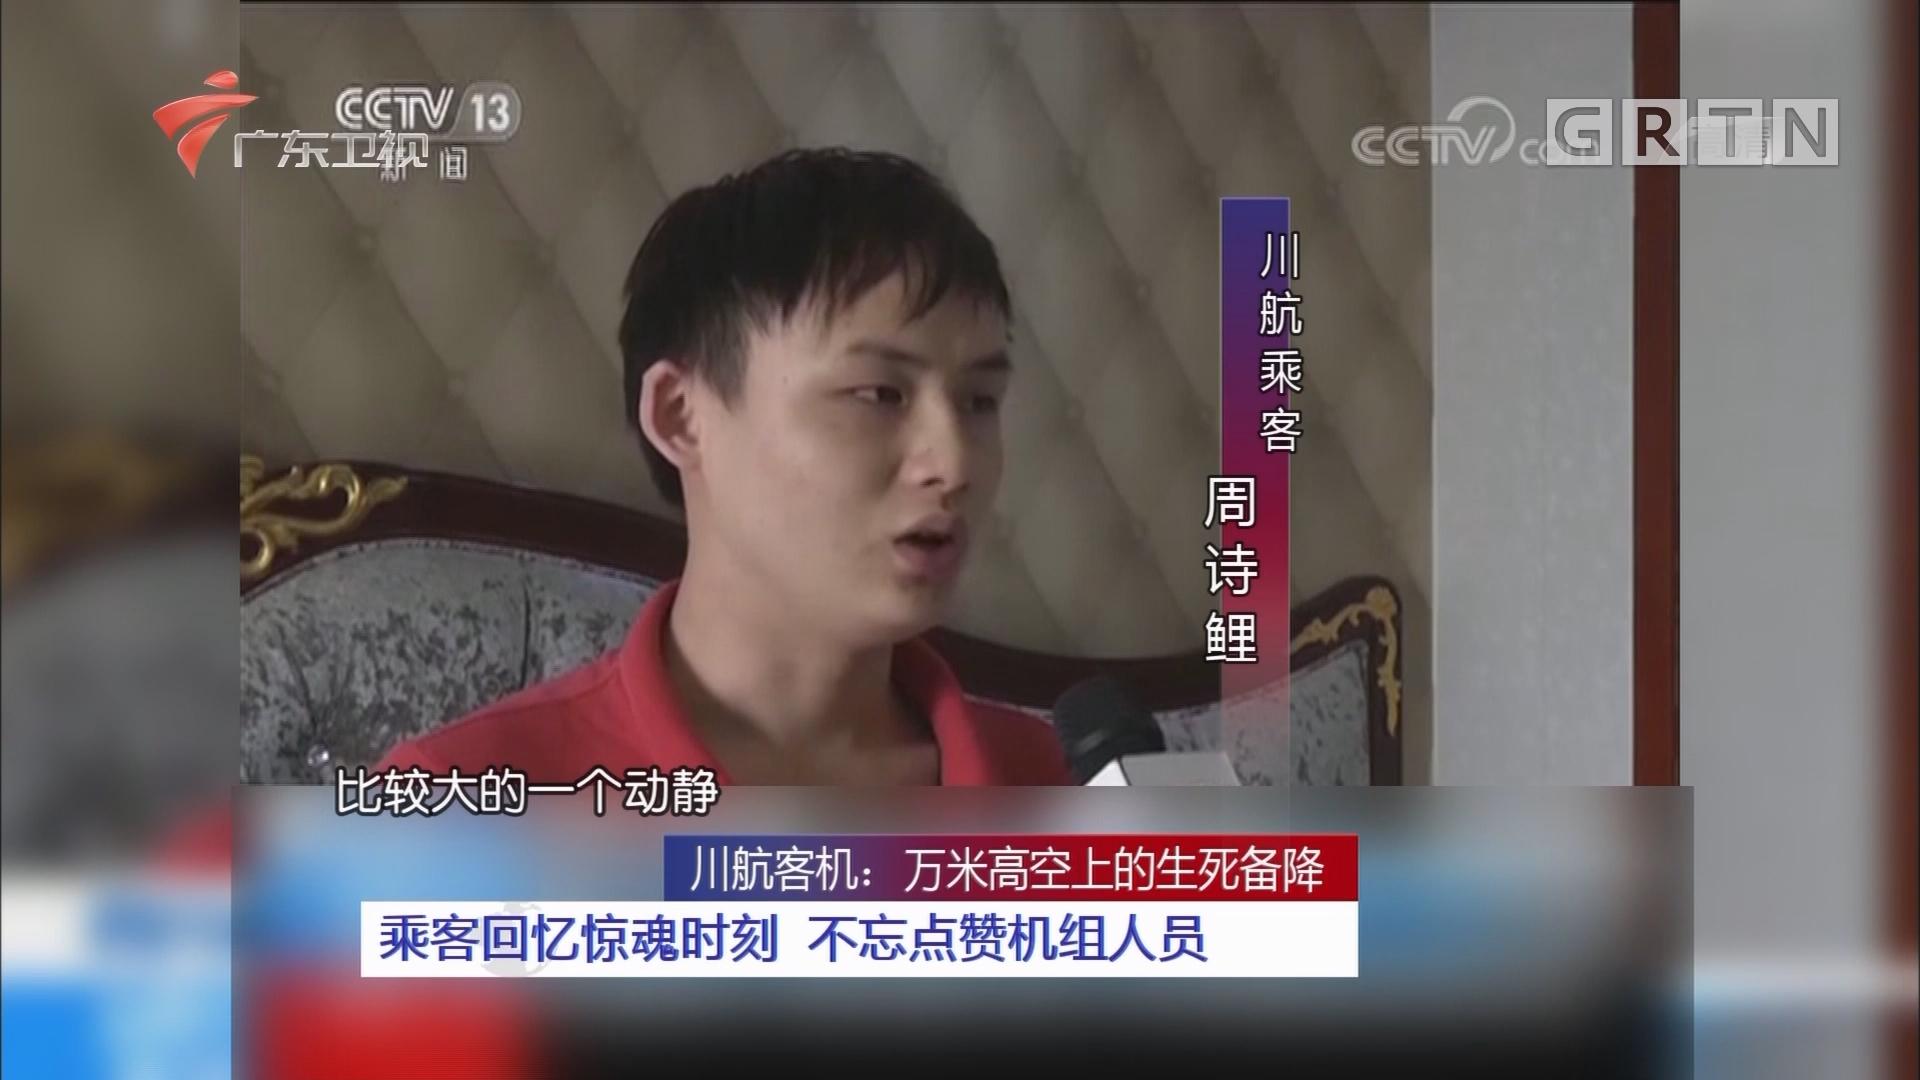 川航客机:万米高空上的生死备降 乘客回忆惊魂时刻 不忘点赞机组人员